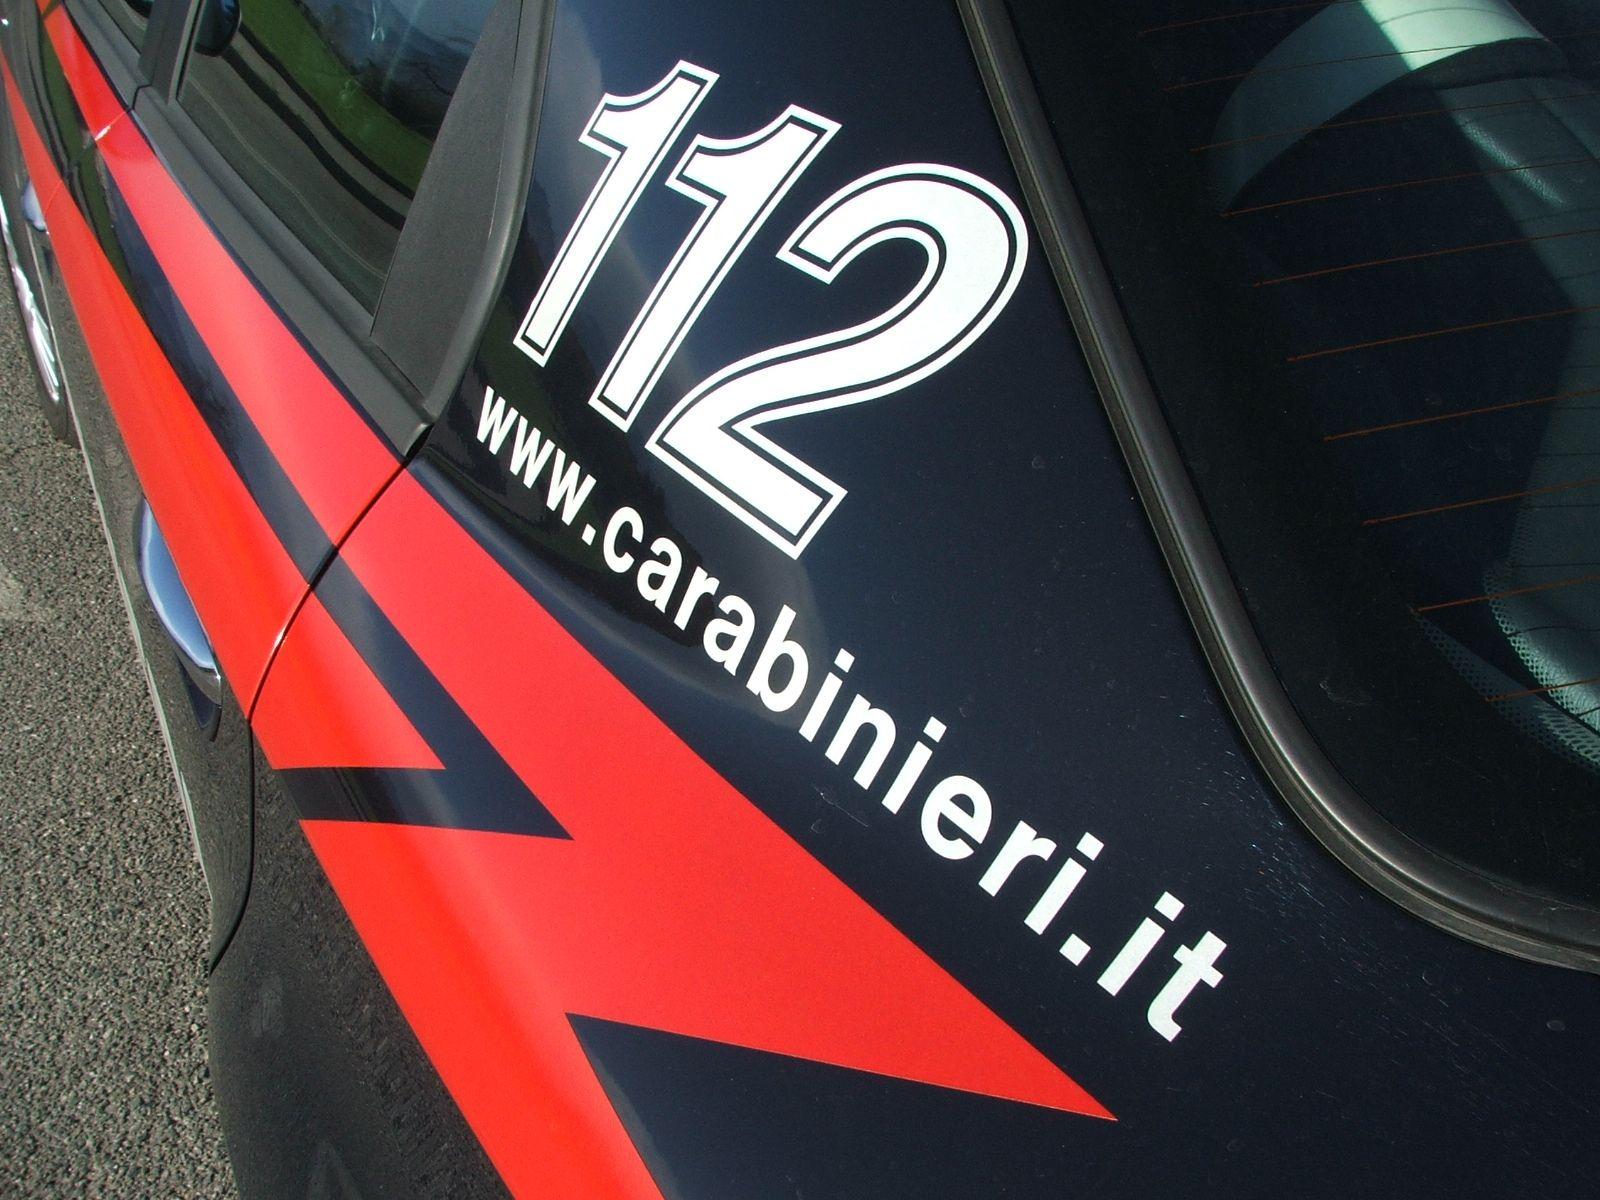 VOLPIANO - Botte e minacce all'ex moglie nigeriana: 66enne italiano arrestato dai carabinieri